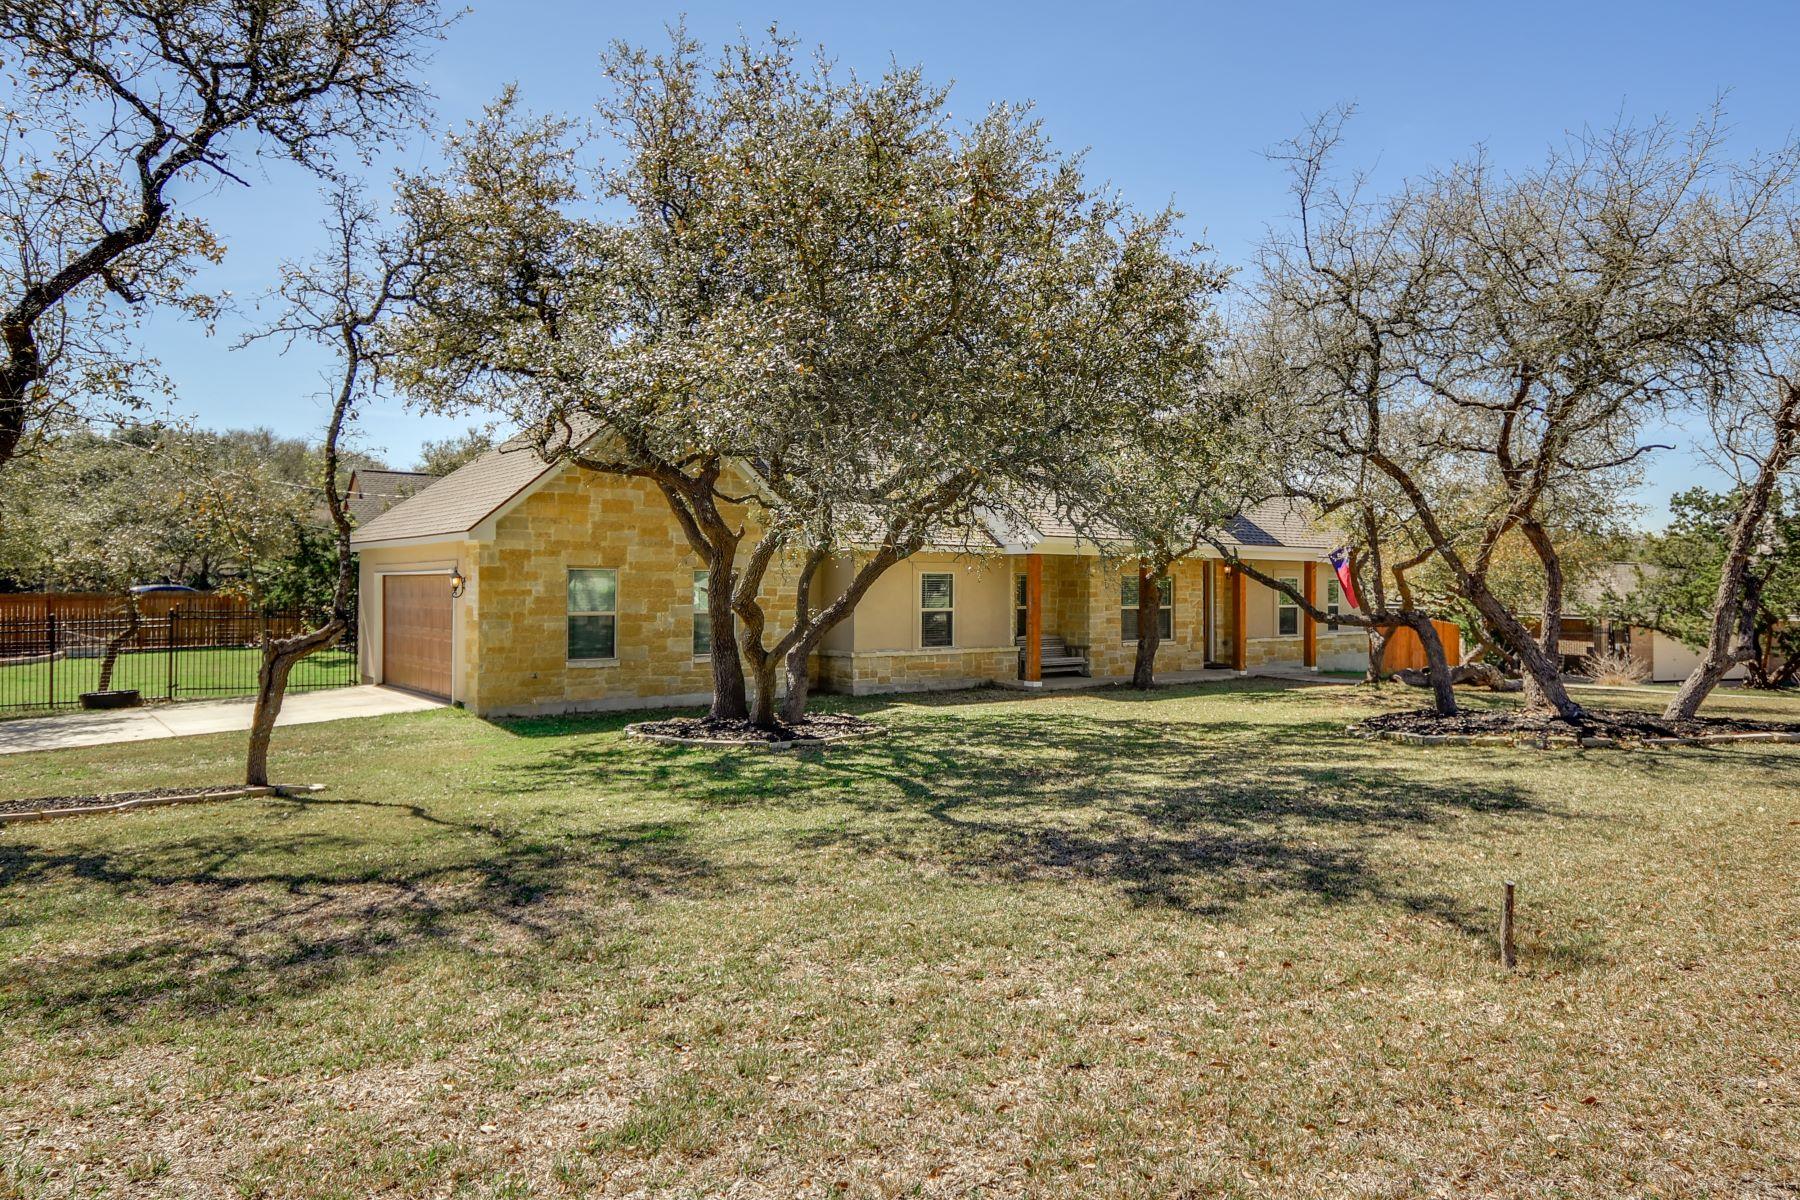 Casa Unifamiliar por un Venta en Serene Home in Timberwood Park 622 Sendera Street San Antonio, Texas 78260 Estados Unidos